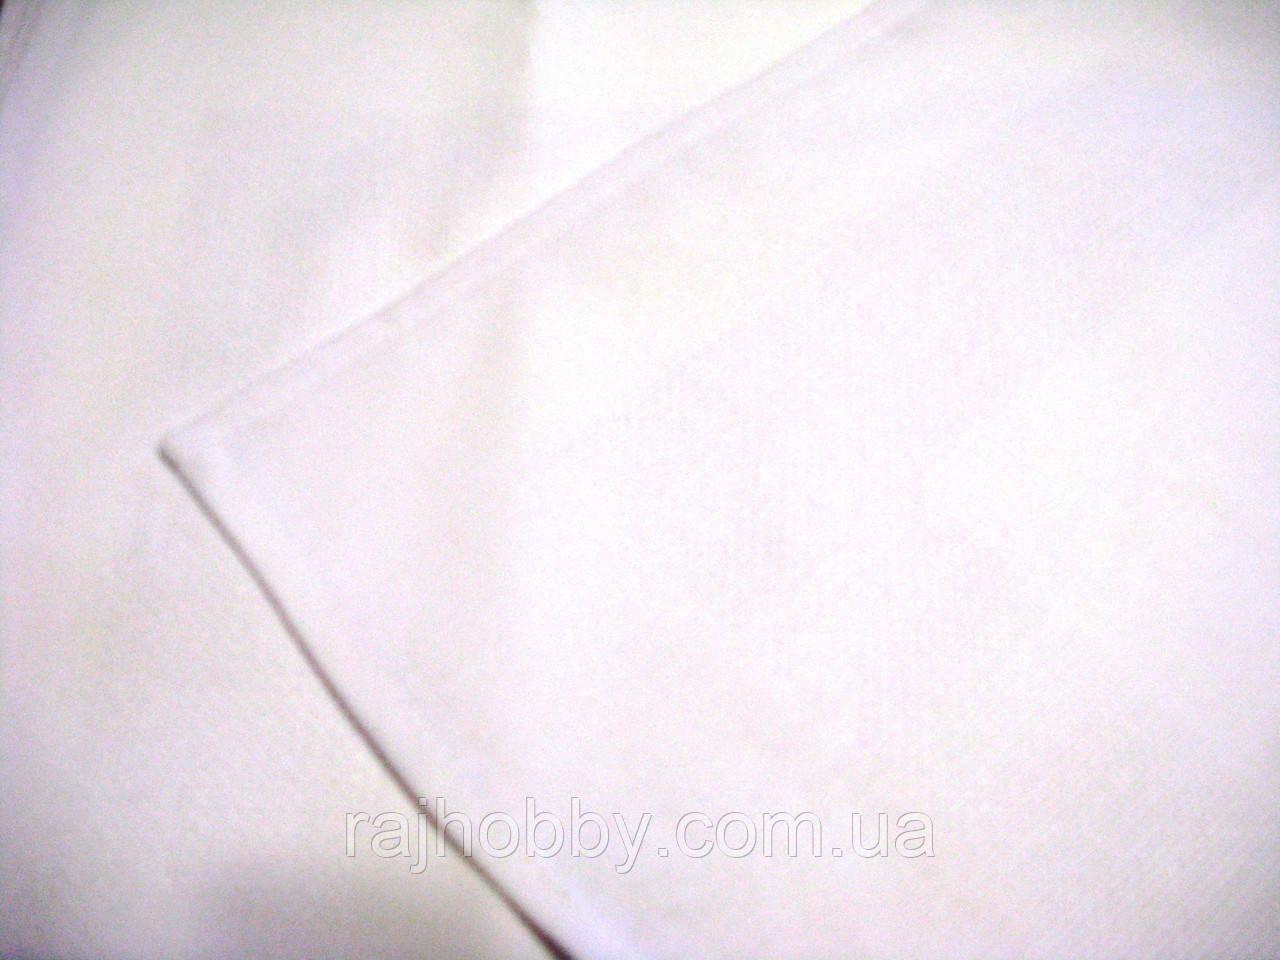 Сафетка для вышивания белая 31х31